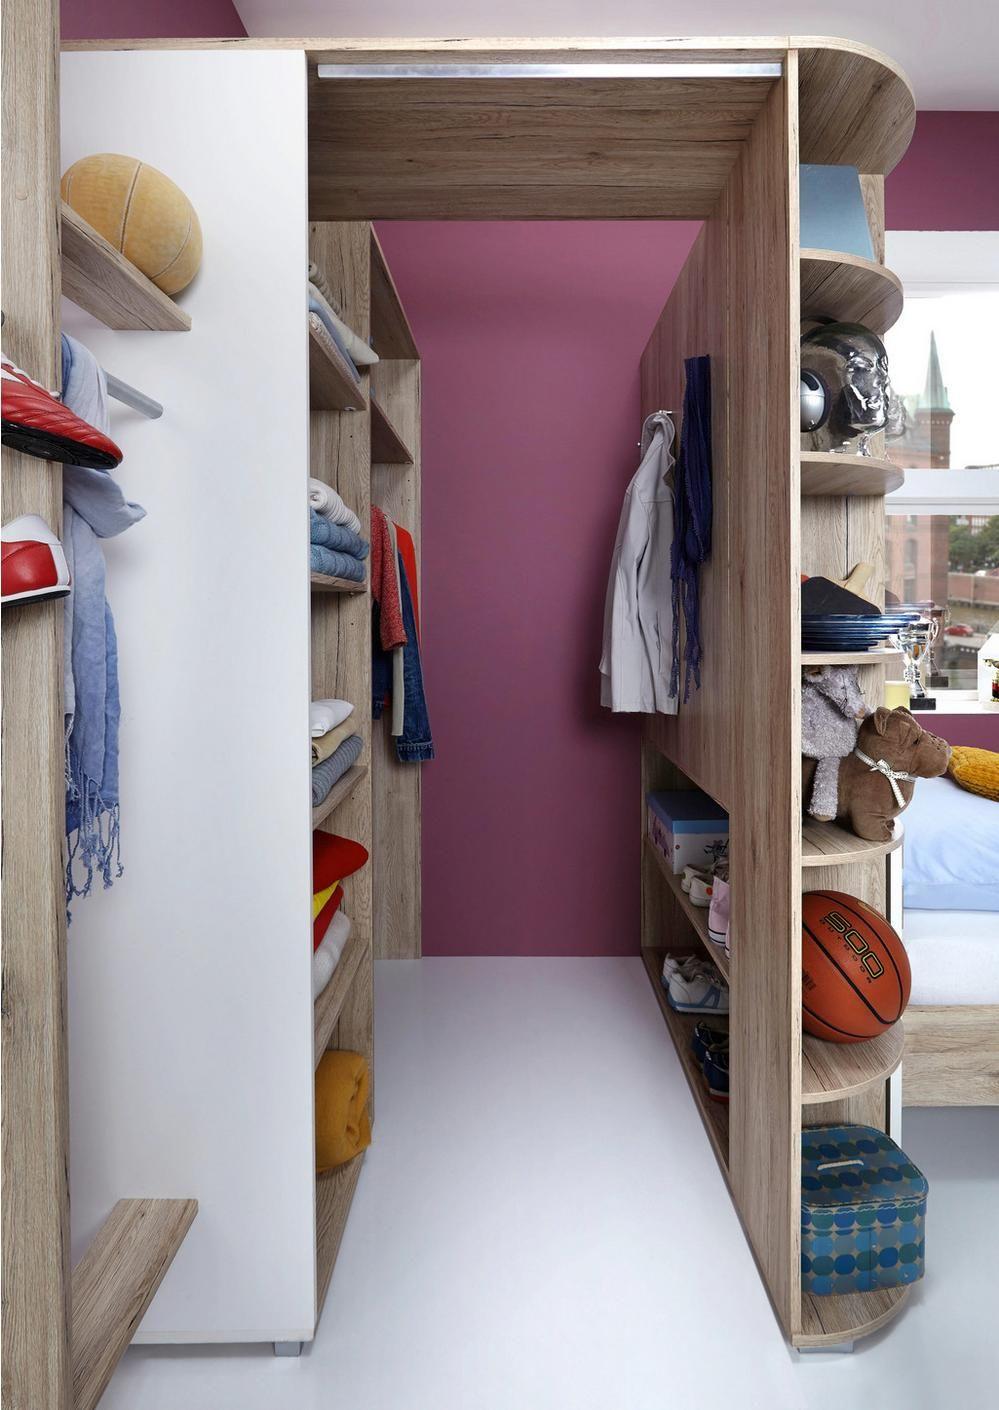 Full Size of Begehbarer Kleiderschrank Mit Viel Stauraum Eckkleiderschrank Sofa Kinderzimmer Küche Eckschrank Regal Regale Schlafzimmer Bad Weiß Wohnzimmer Kinderzimmer Eckschrank